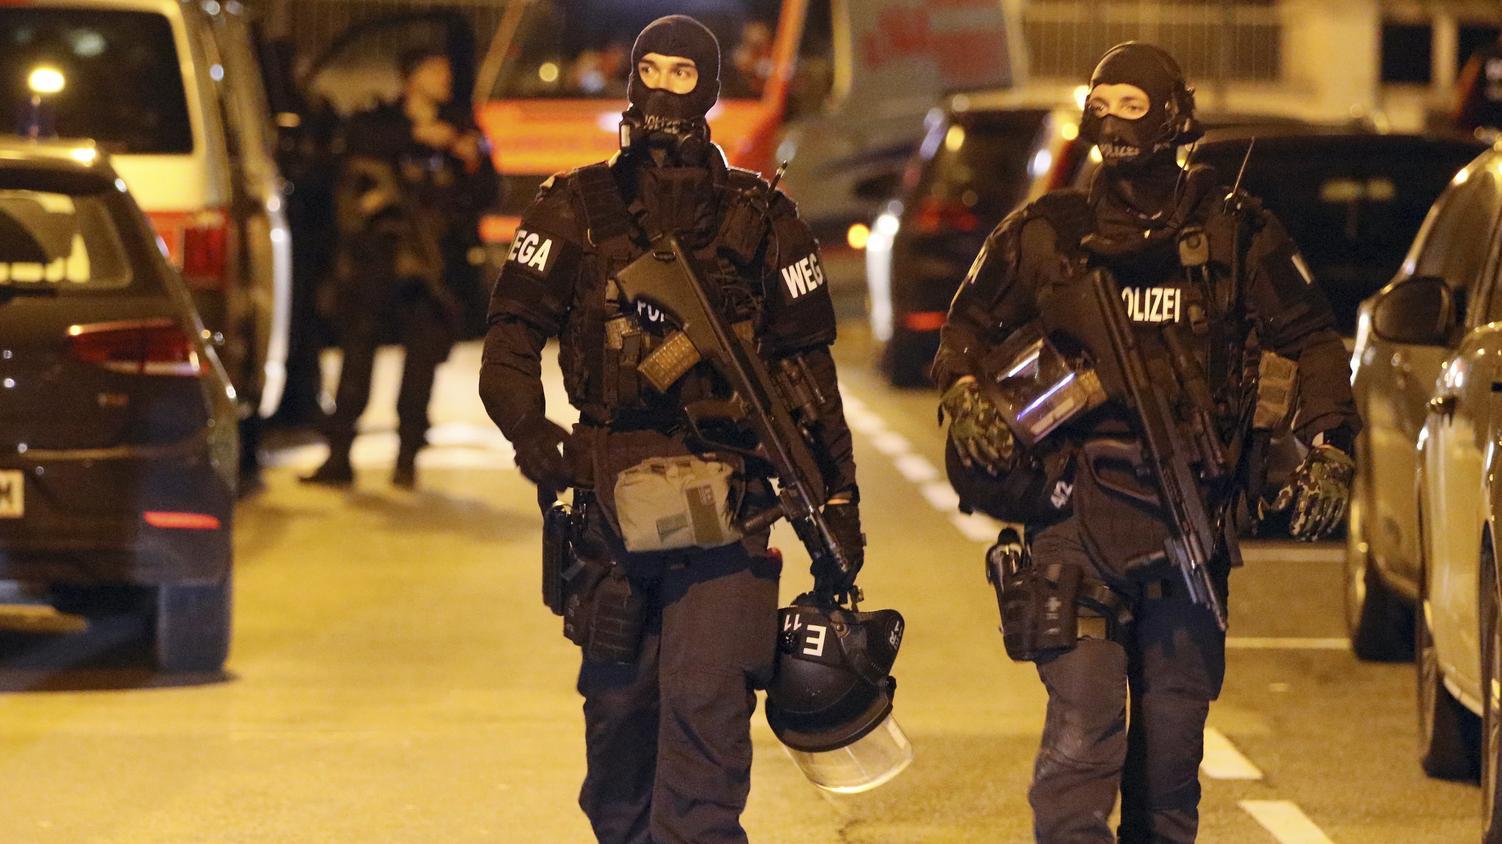 Polizisten einer Spezialeinheit patrouillieren vor einer Kirche in Wien